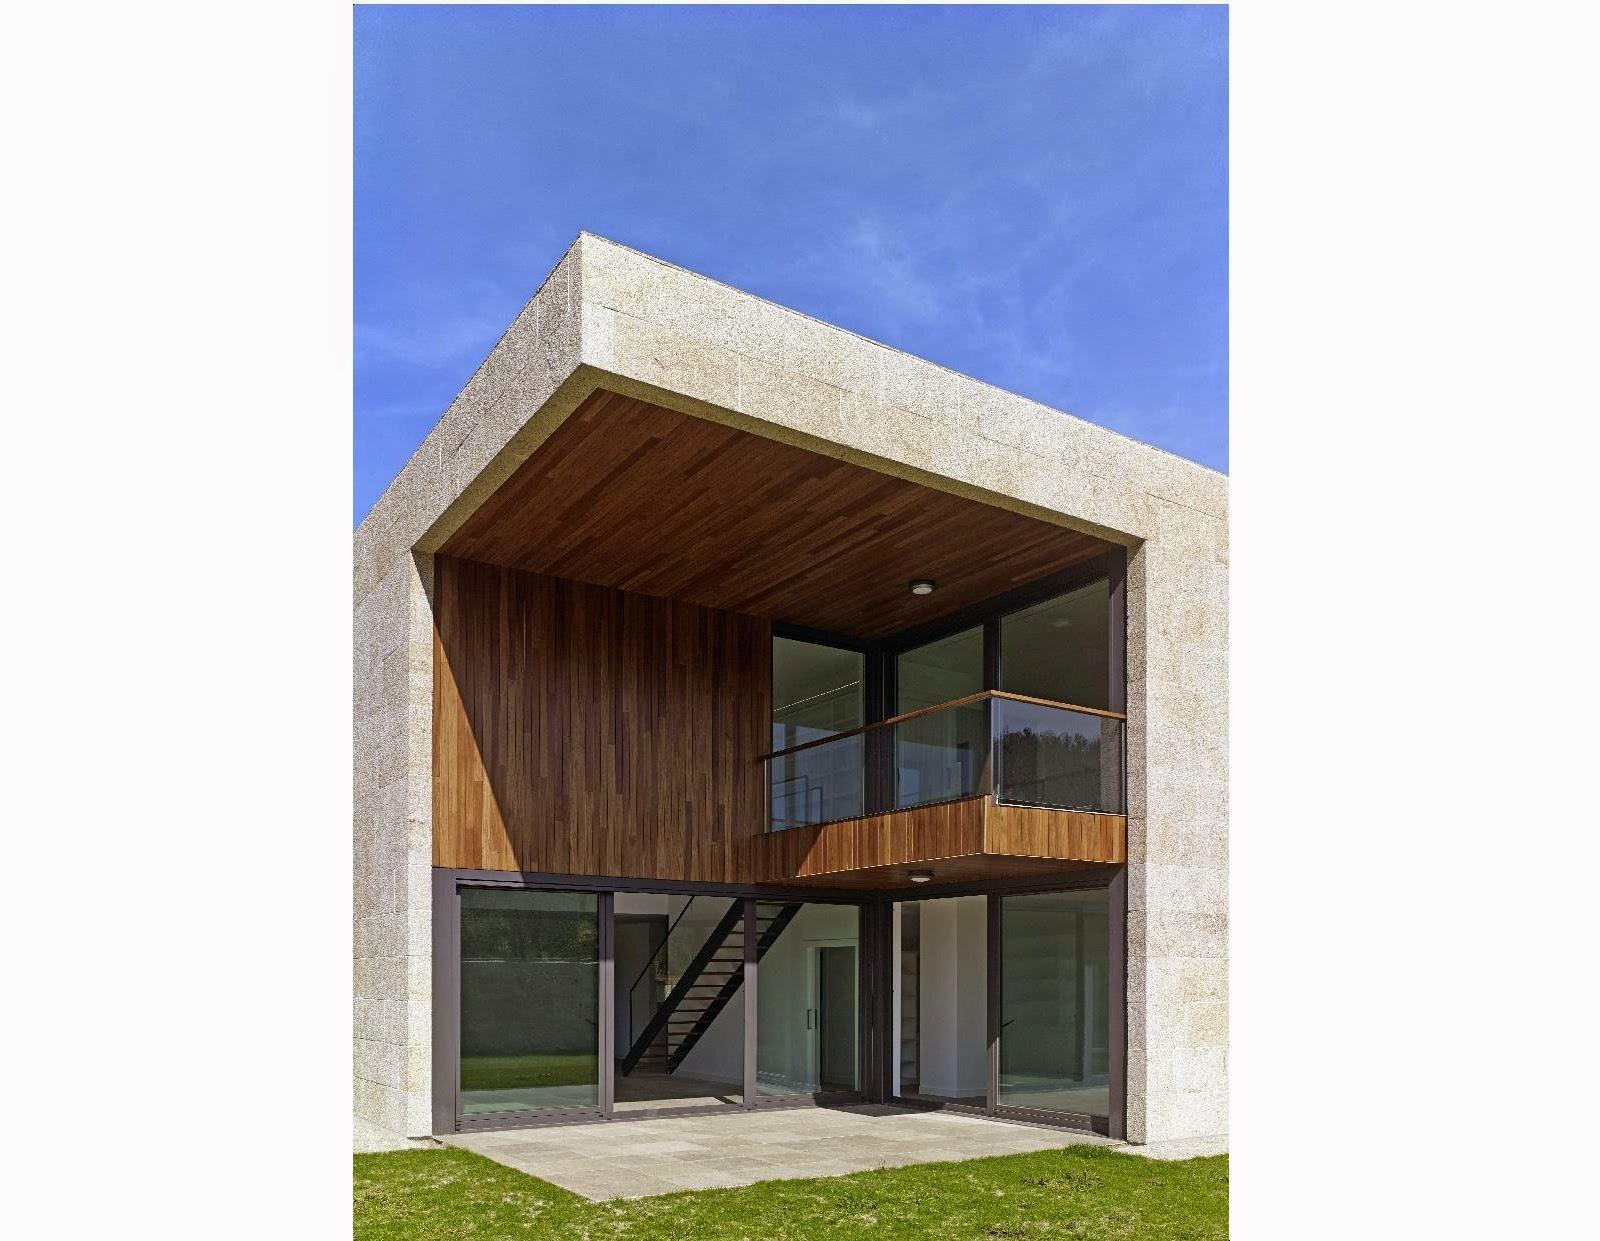 Arquitectura en vidrio 2014 propuestas inscritas aib for Fachadas casas unifamiliares